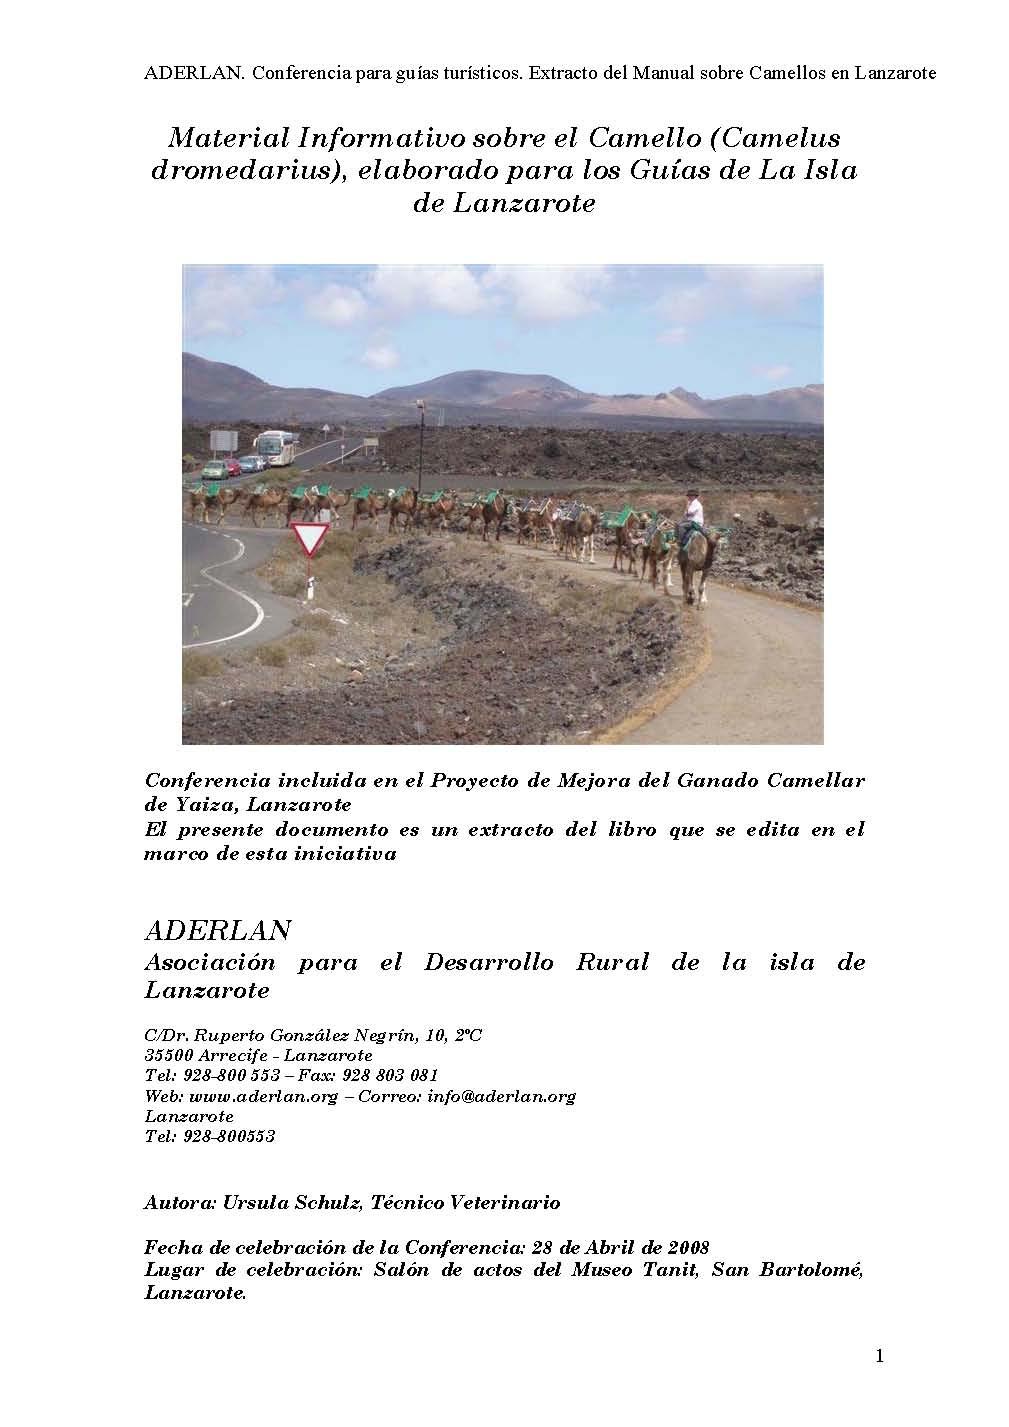 Material informativo sobre el camello (camelus dromedarius), elaborado para los guías de la isla de Lanzarote